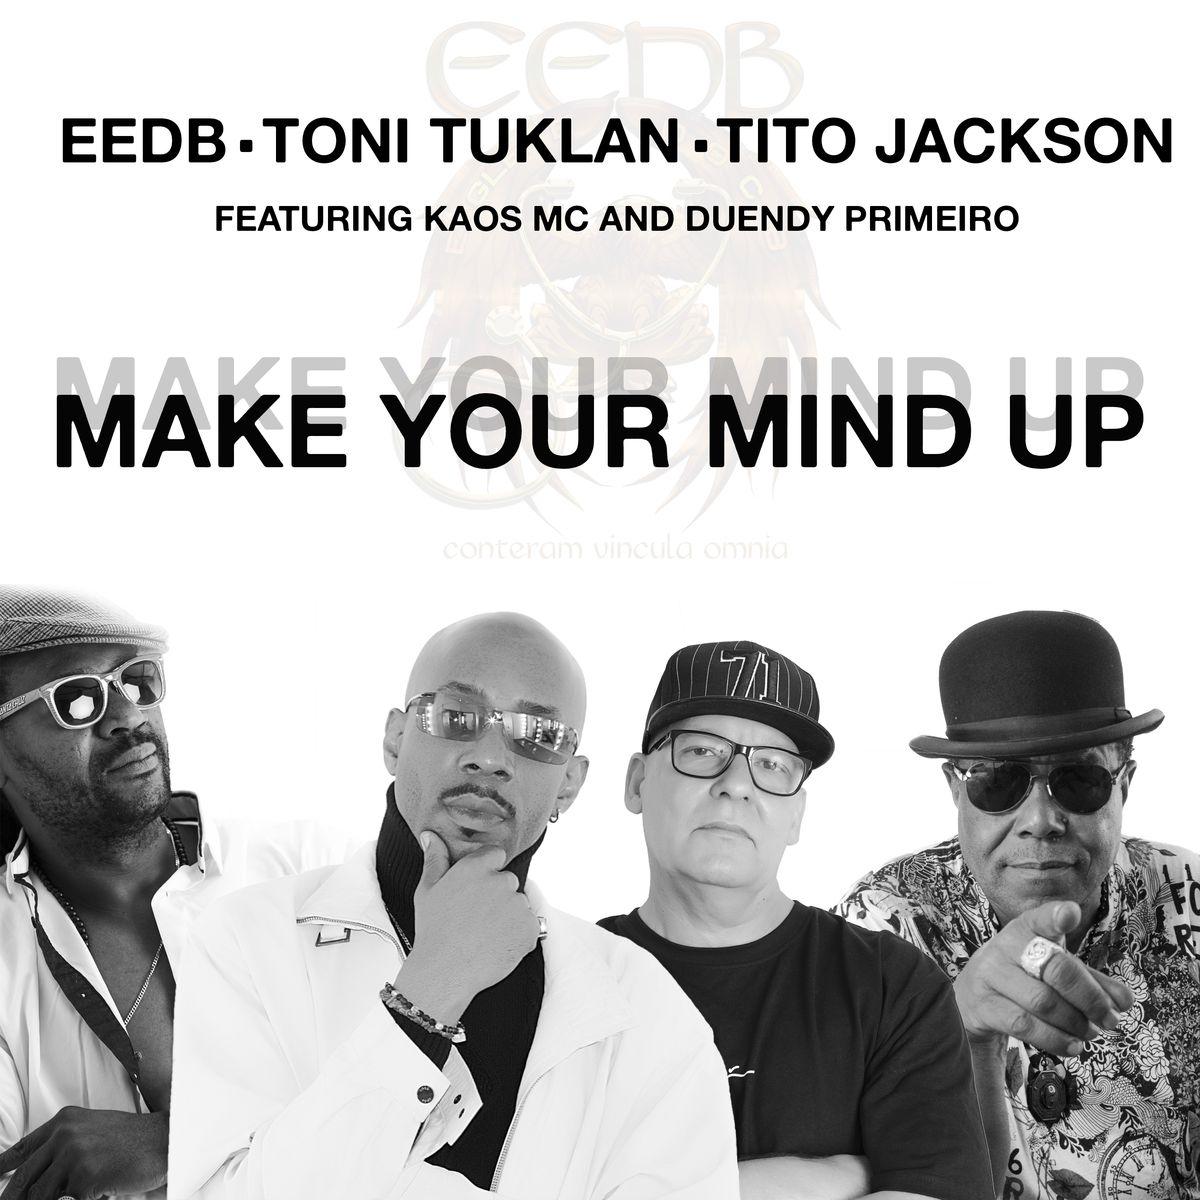 Make Your Mind Up - EEDB, Toni Tuklan, Tito Jackson. feat Kaos Mc And Duendy Primeiro